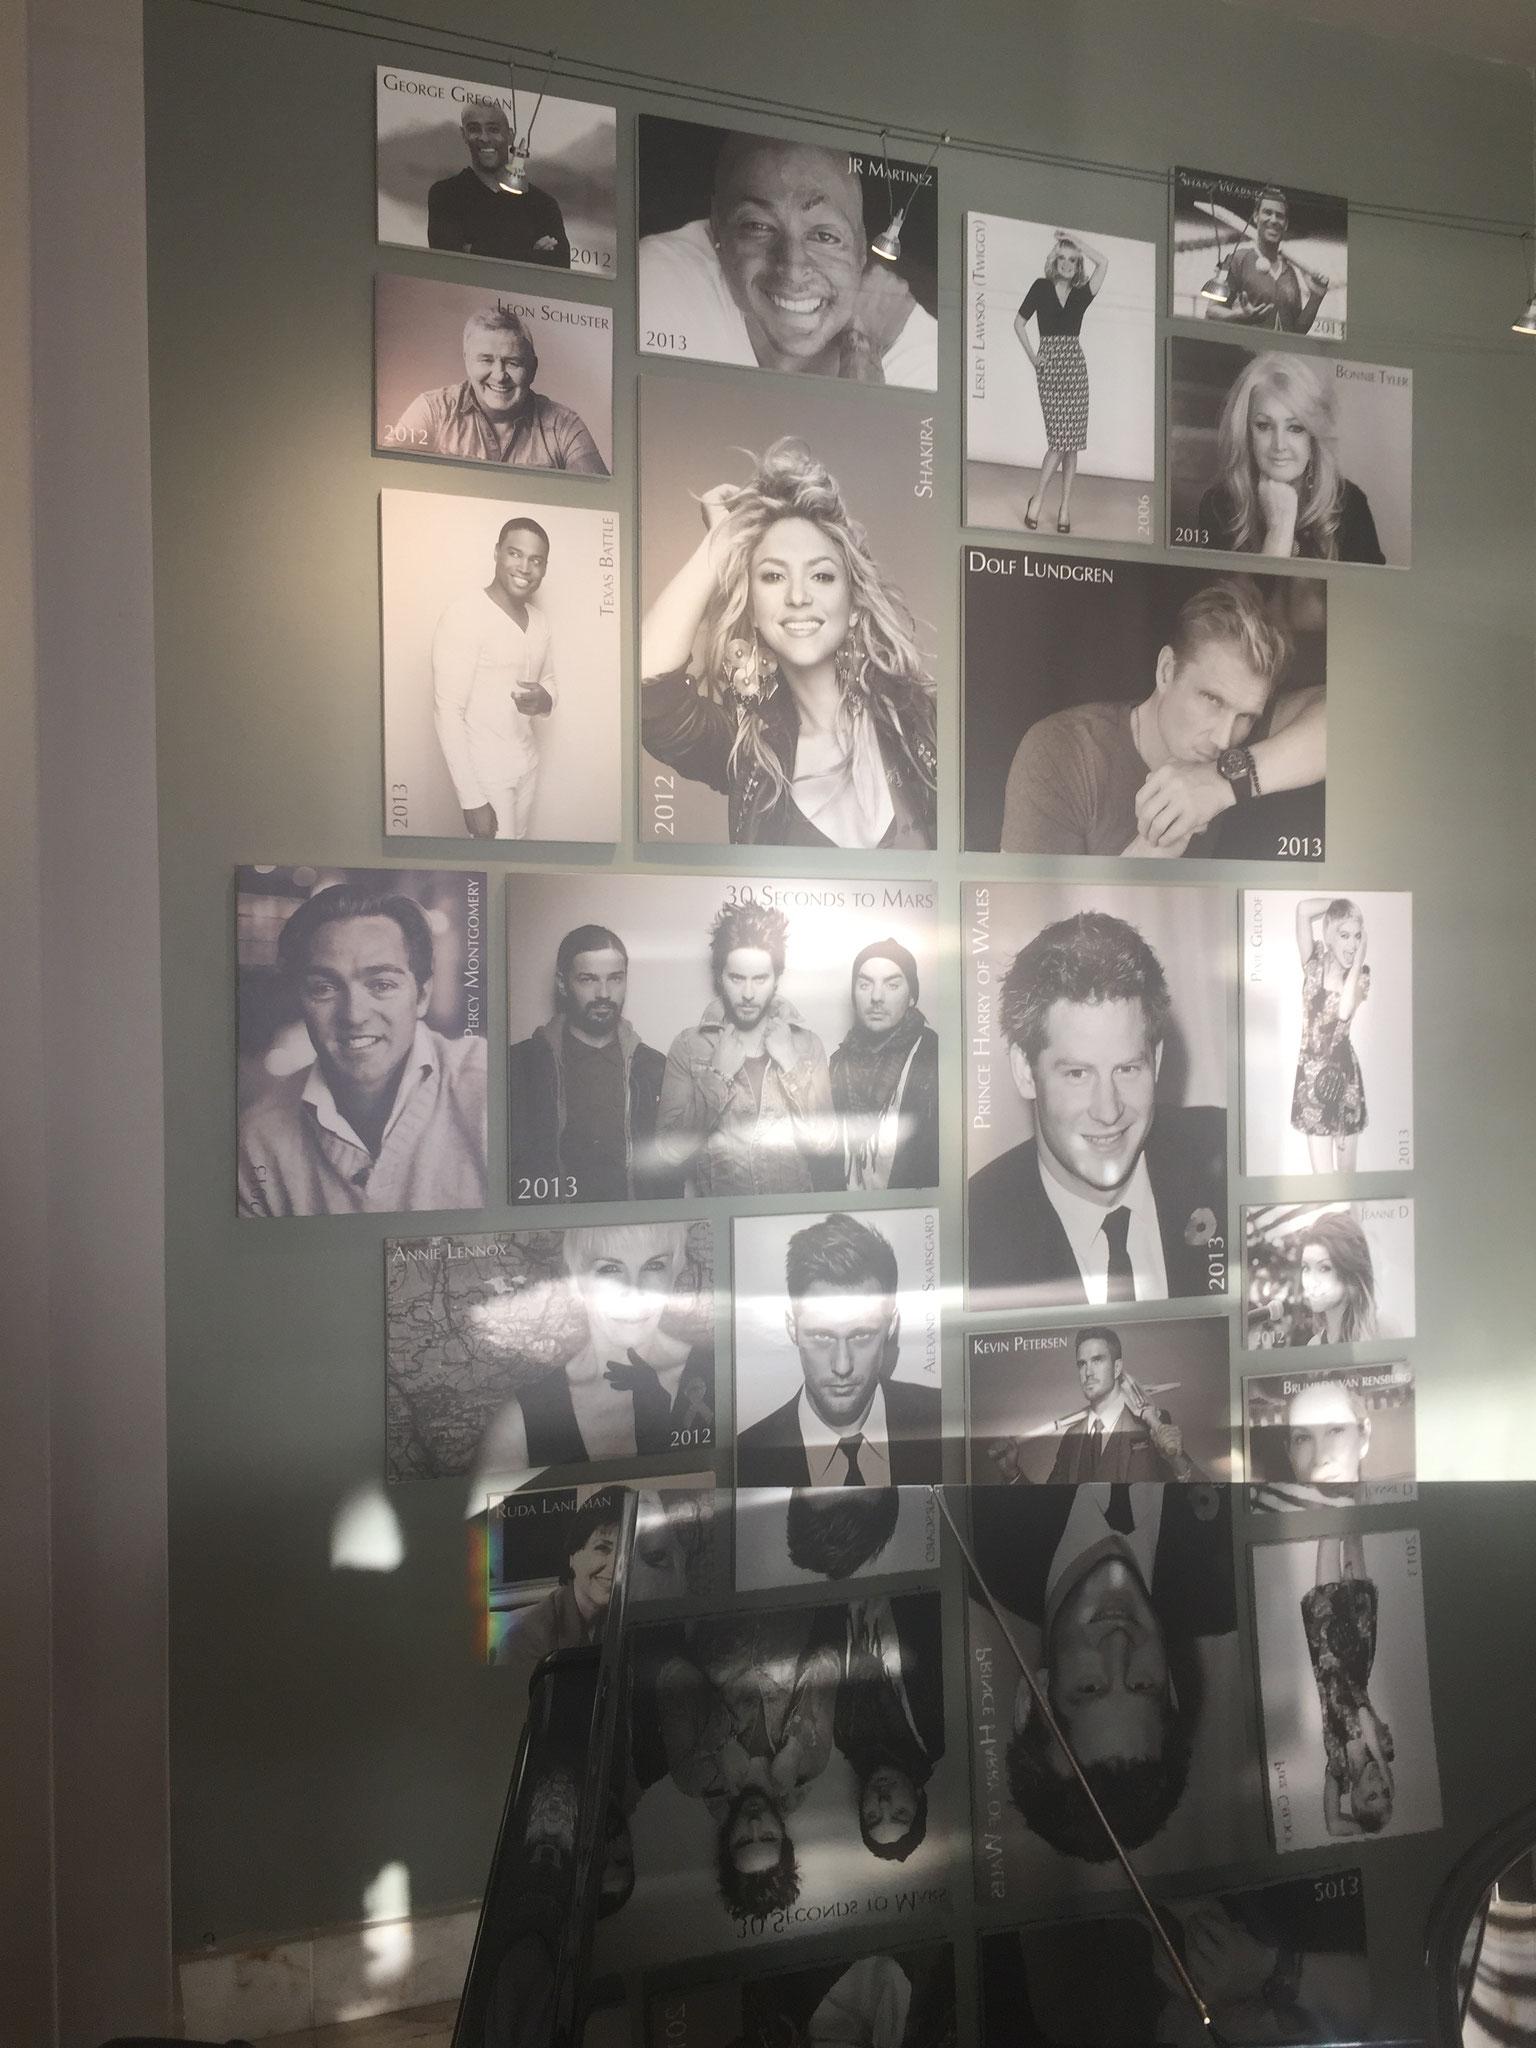 Das 160 m2 Penthouse wurde bereits von Prinz Williams und Shakira bewohnt (http://www.thebay.co.za/penthouse_room.php)